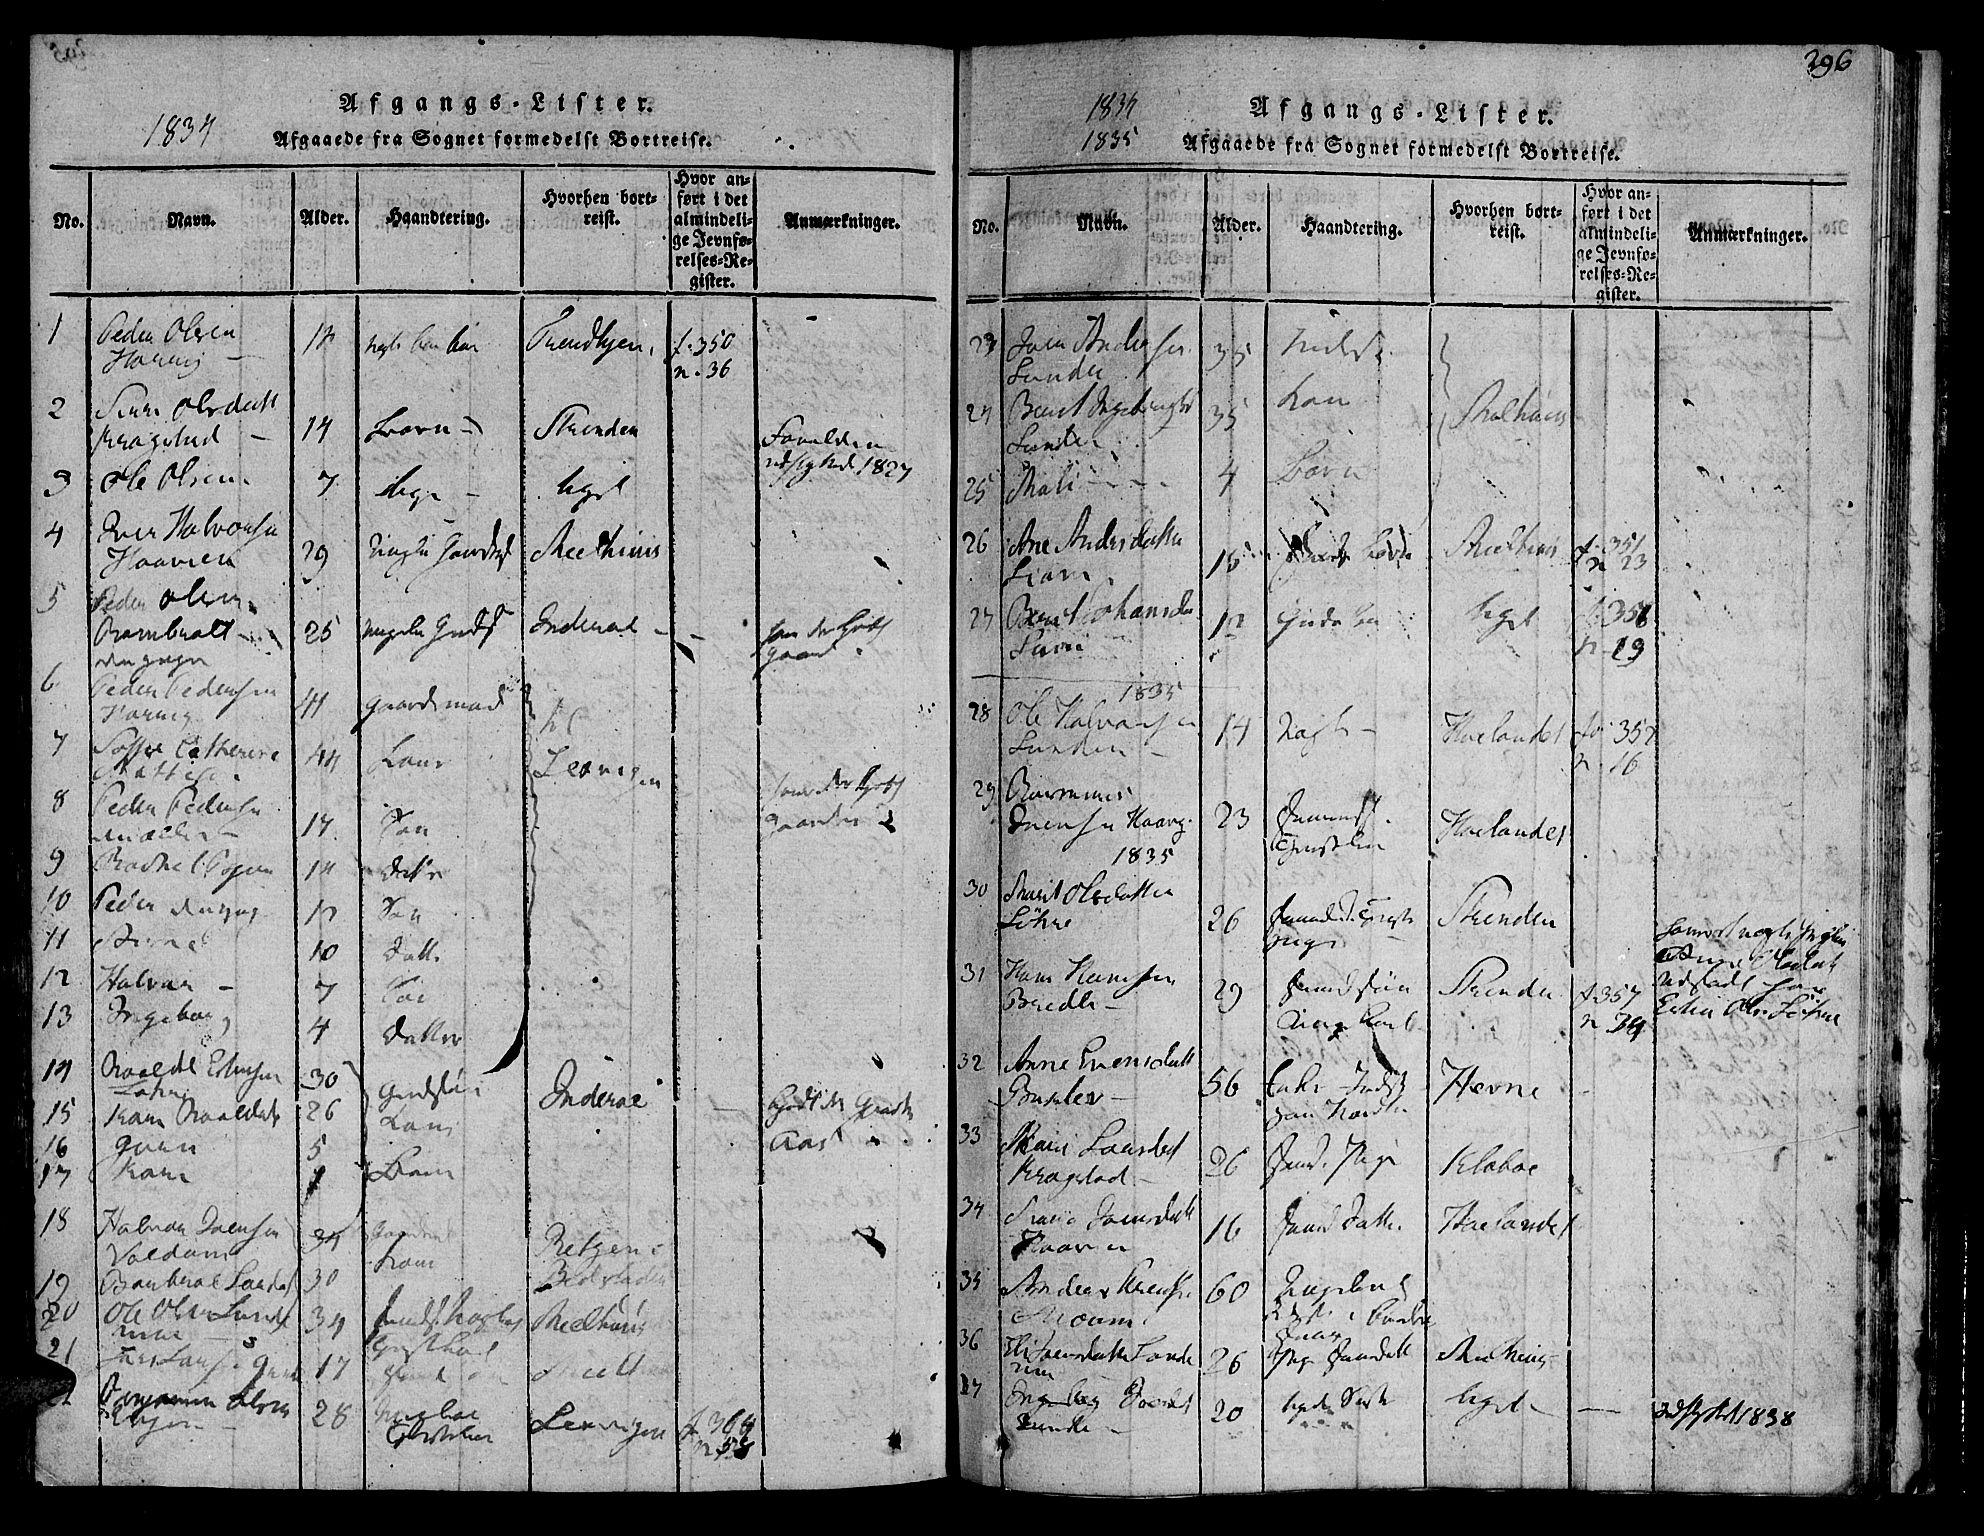 SAT, Ministerialprotokoller, klokkerbøker og fødselsregistre - Sør-Trøndelag, 692/L1102: Ministerialbok nr. 692A02, 1816-1842, s. 296